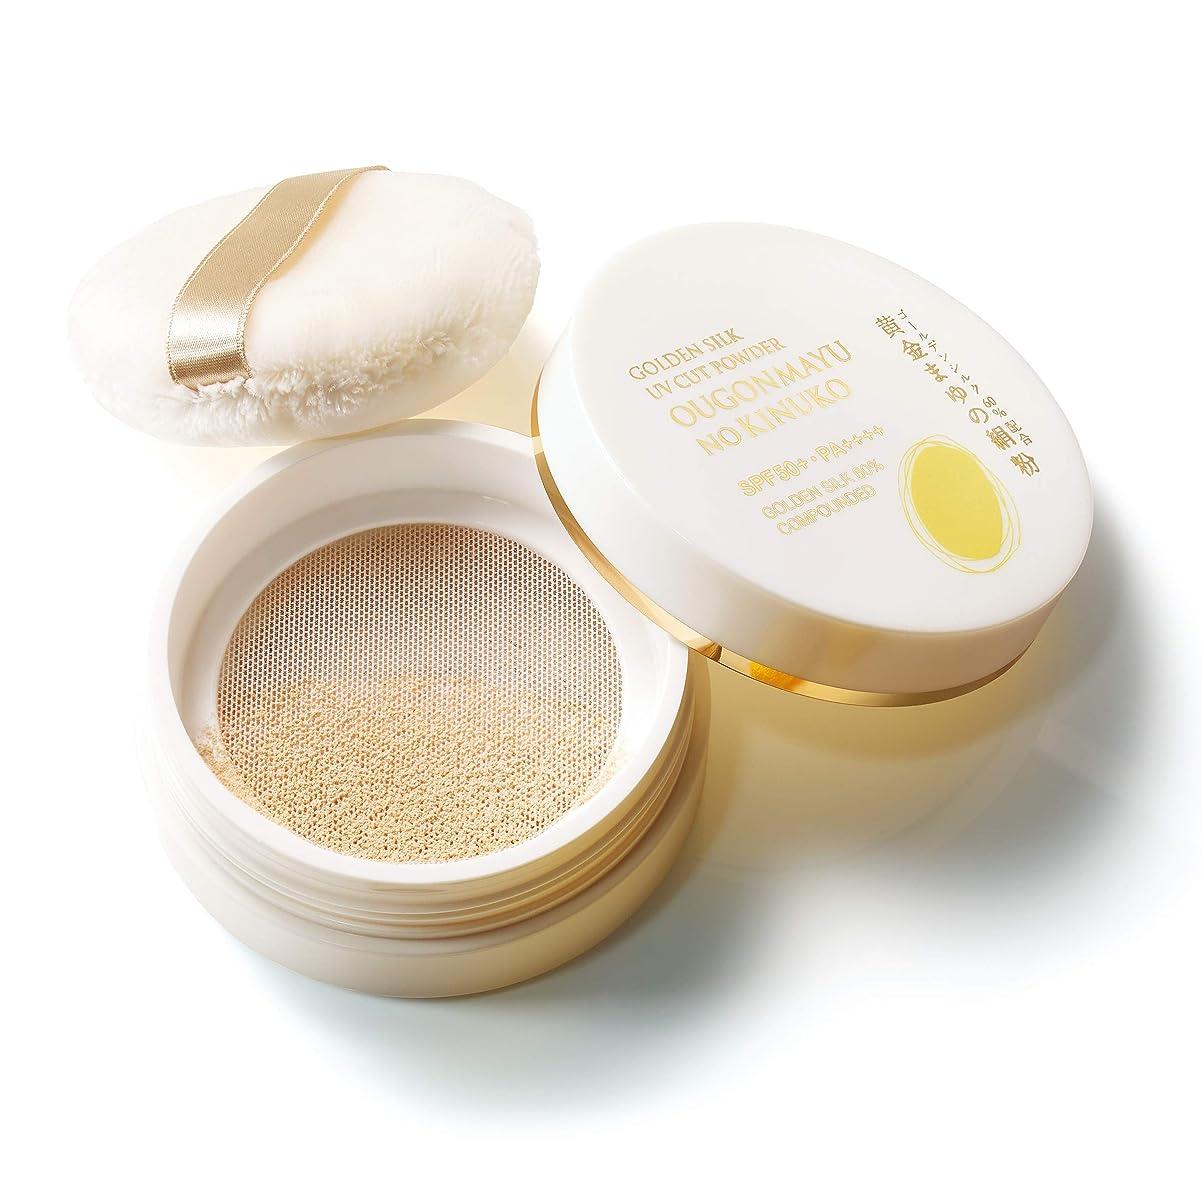 回転する反対に視聴者通販生活の天然黄金シルクUVカットパウダー「黄金まゆの絹粉」 希少な天然黄金シルク60%配合で「UVカット力最高値」のパウダーは本品だけ。